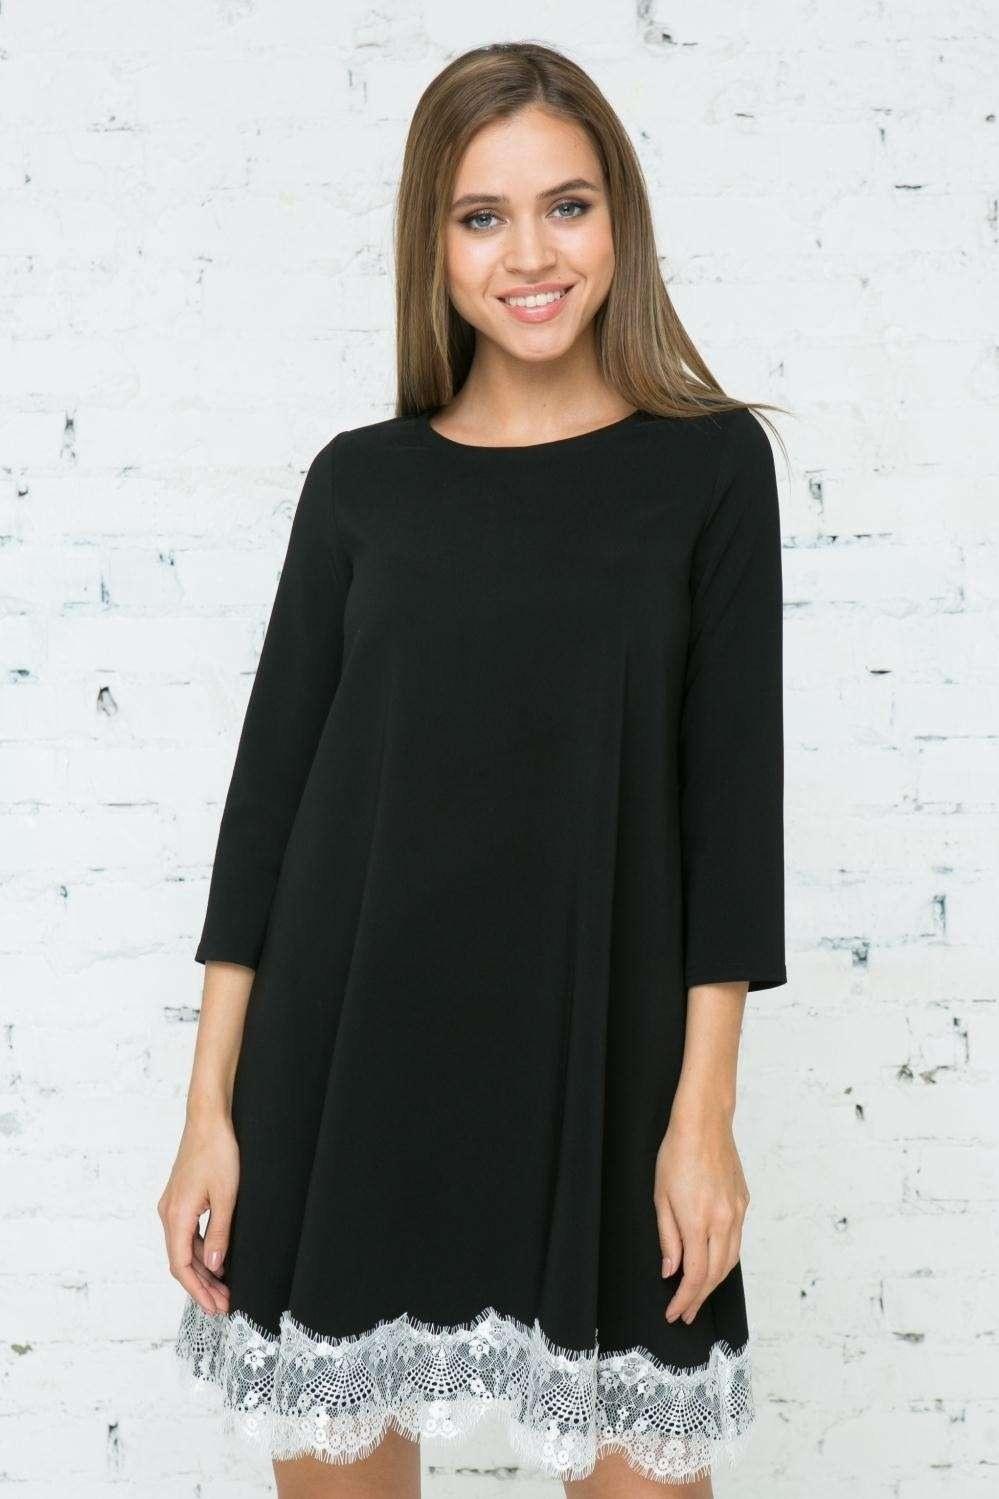 10 Fantastisch Schwarzes Kleid Mit Spitze Bester PreisDesigner Schön Schwarzes Kleid Mit Spitze Ärmel